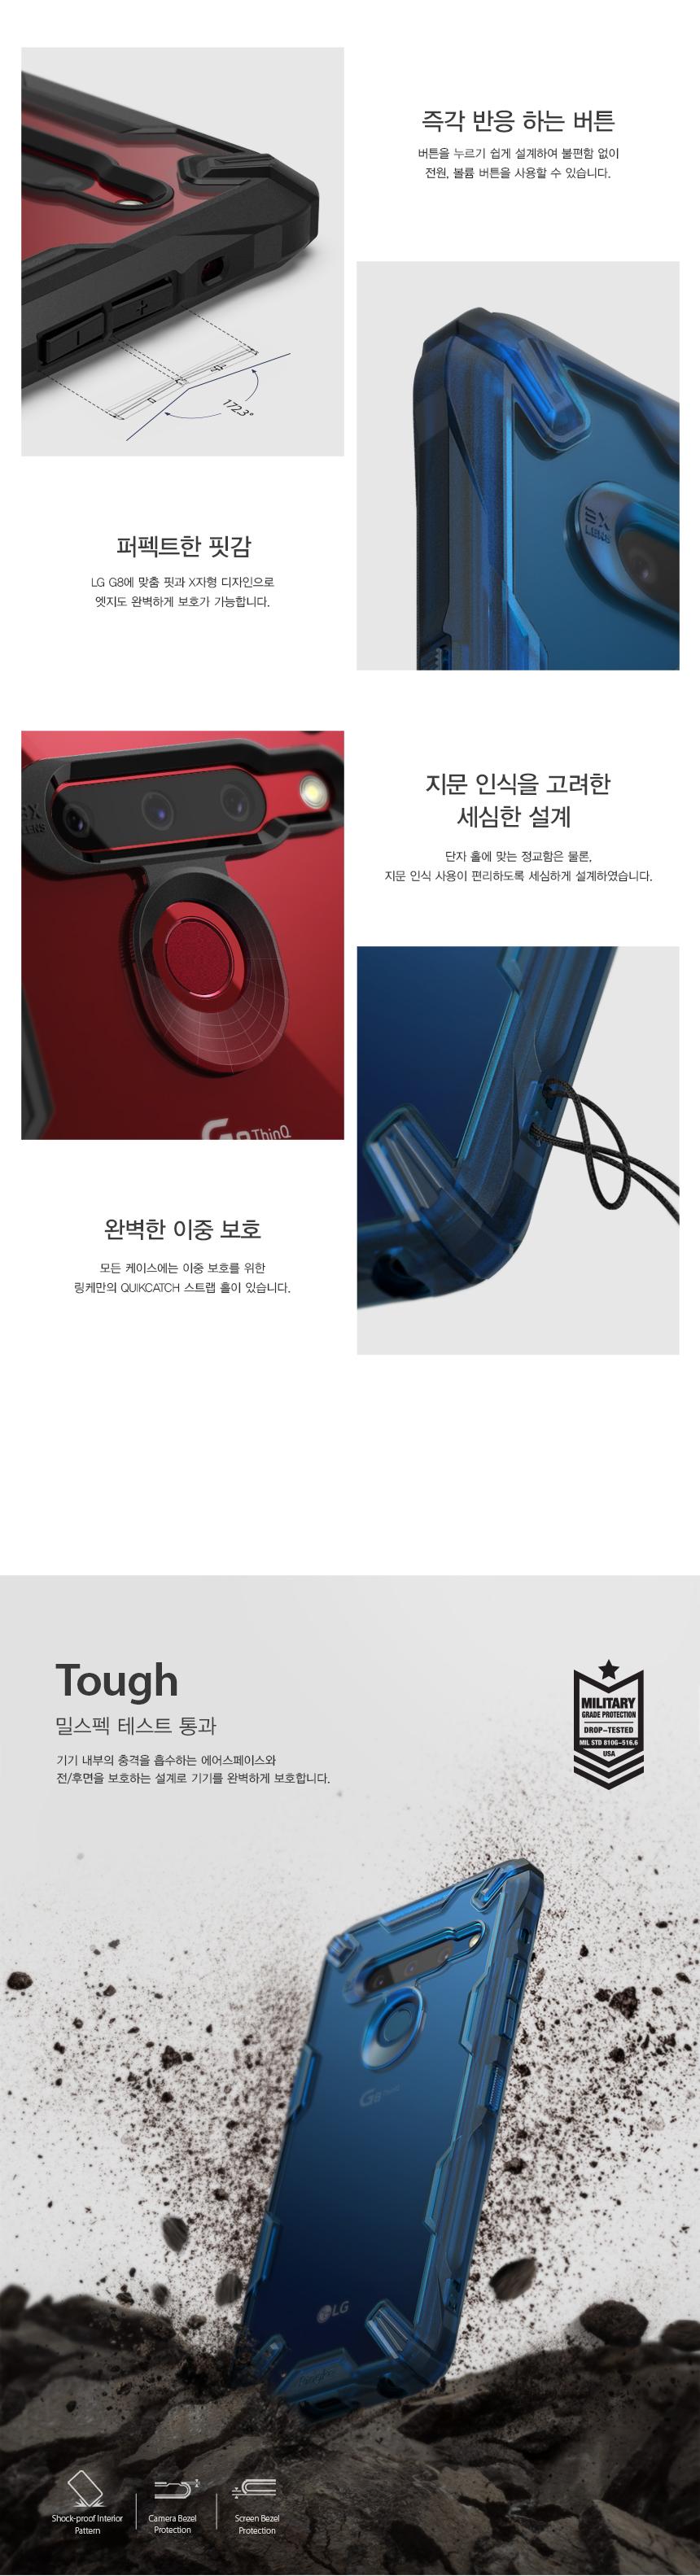 링케 LG G8 케이스 링케퓨전X - 리어스, 17,800원, 케이스, G7